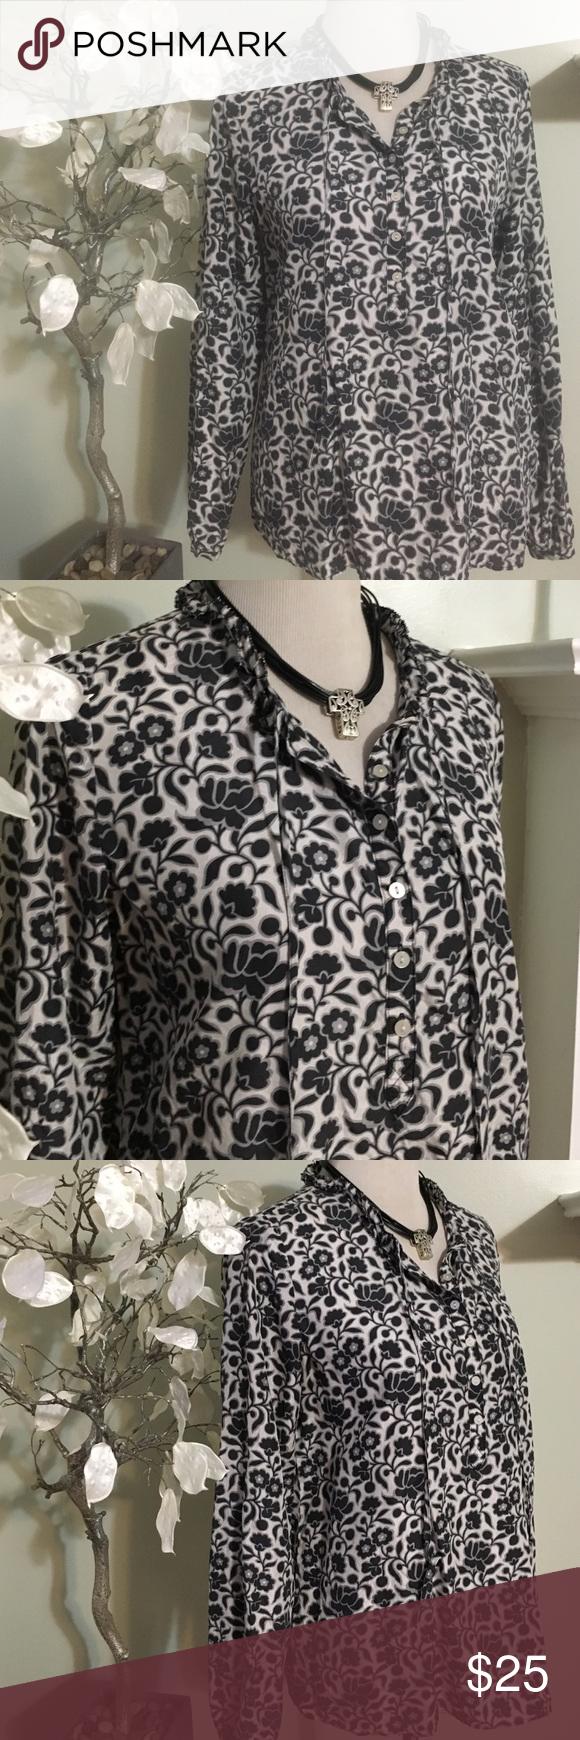 856c014c8b0148 LIZ CLAIBORNE SILK BLOUSE Gorgeous blouse in excellent condition ...